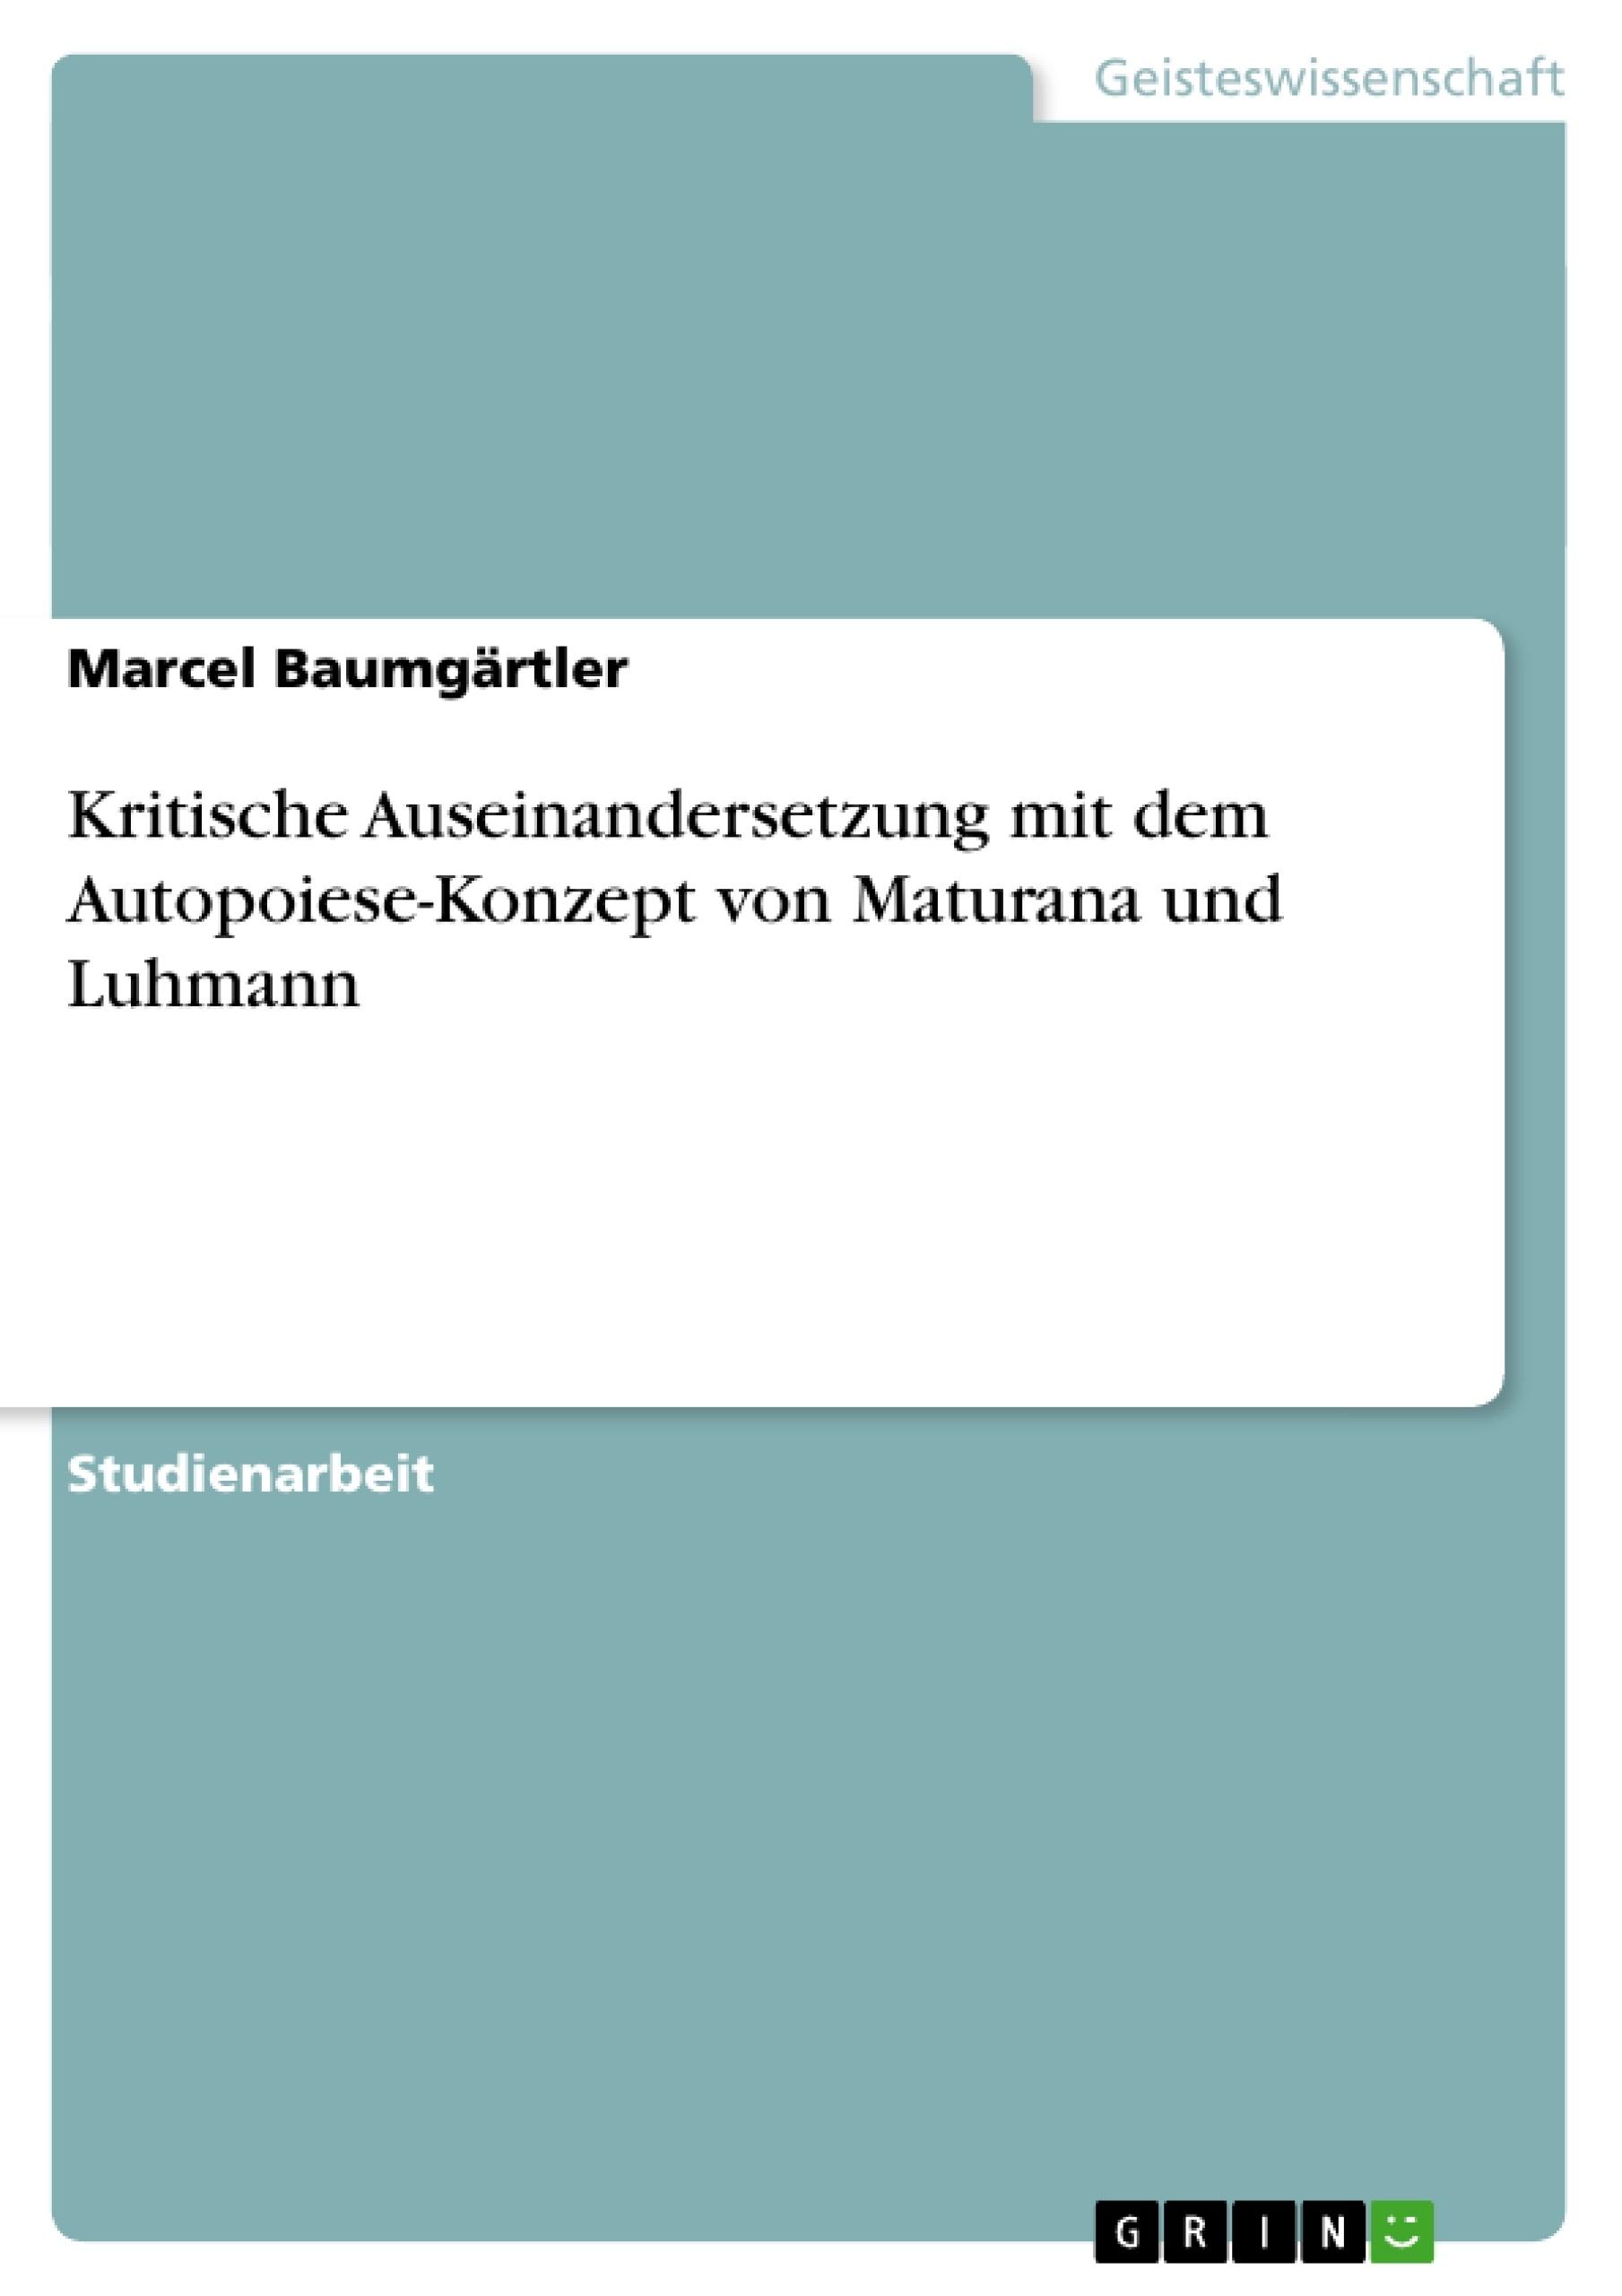 Titel: Kritische Auseinandersetzung mit dem Autopoiese-Konzept von Maturana und Luhmann